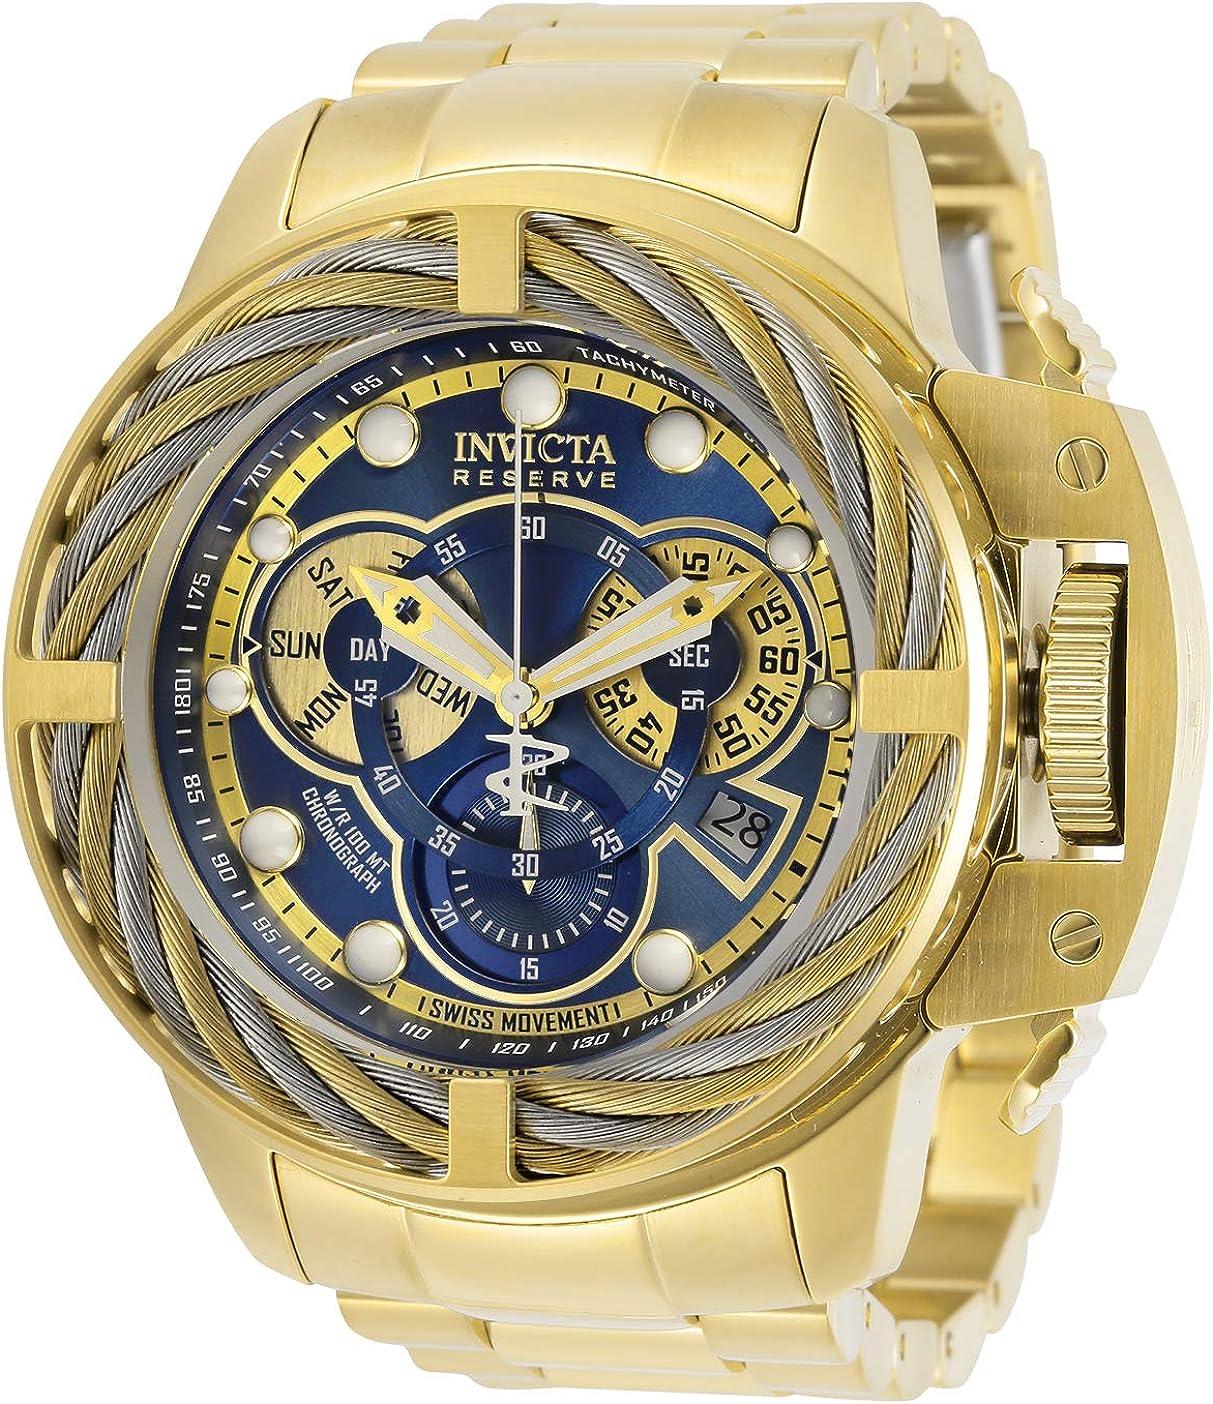 Invicta Reserve 30128 Reloj para Hombre - 50.5mm